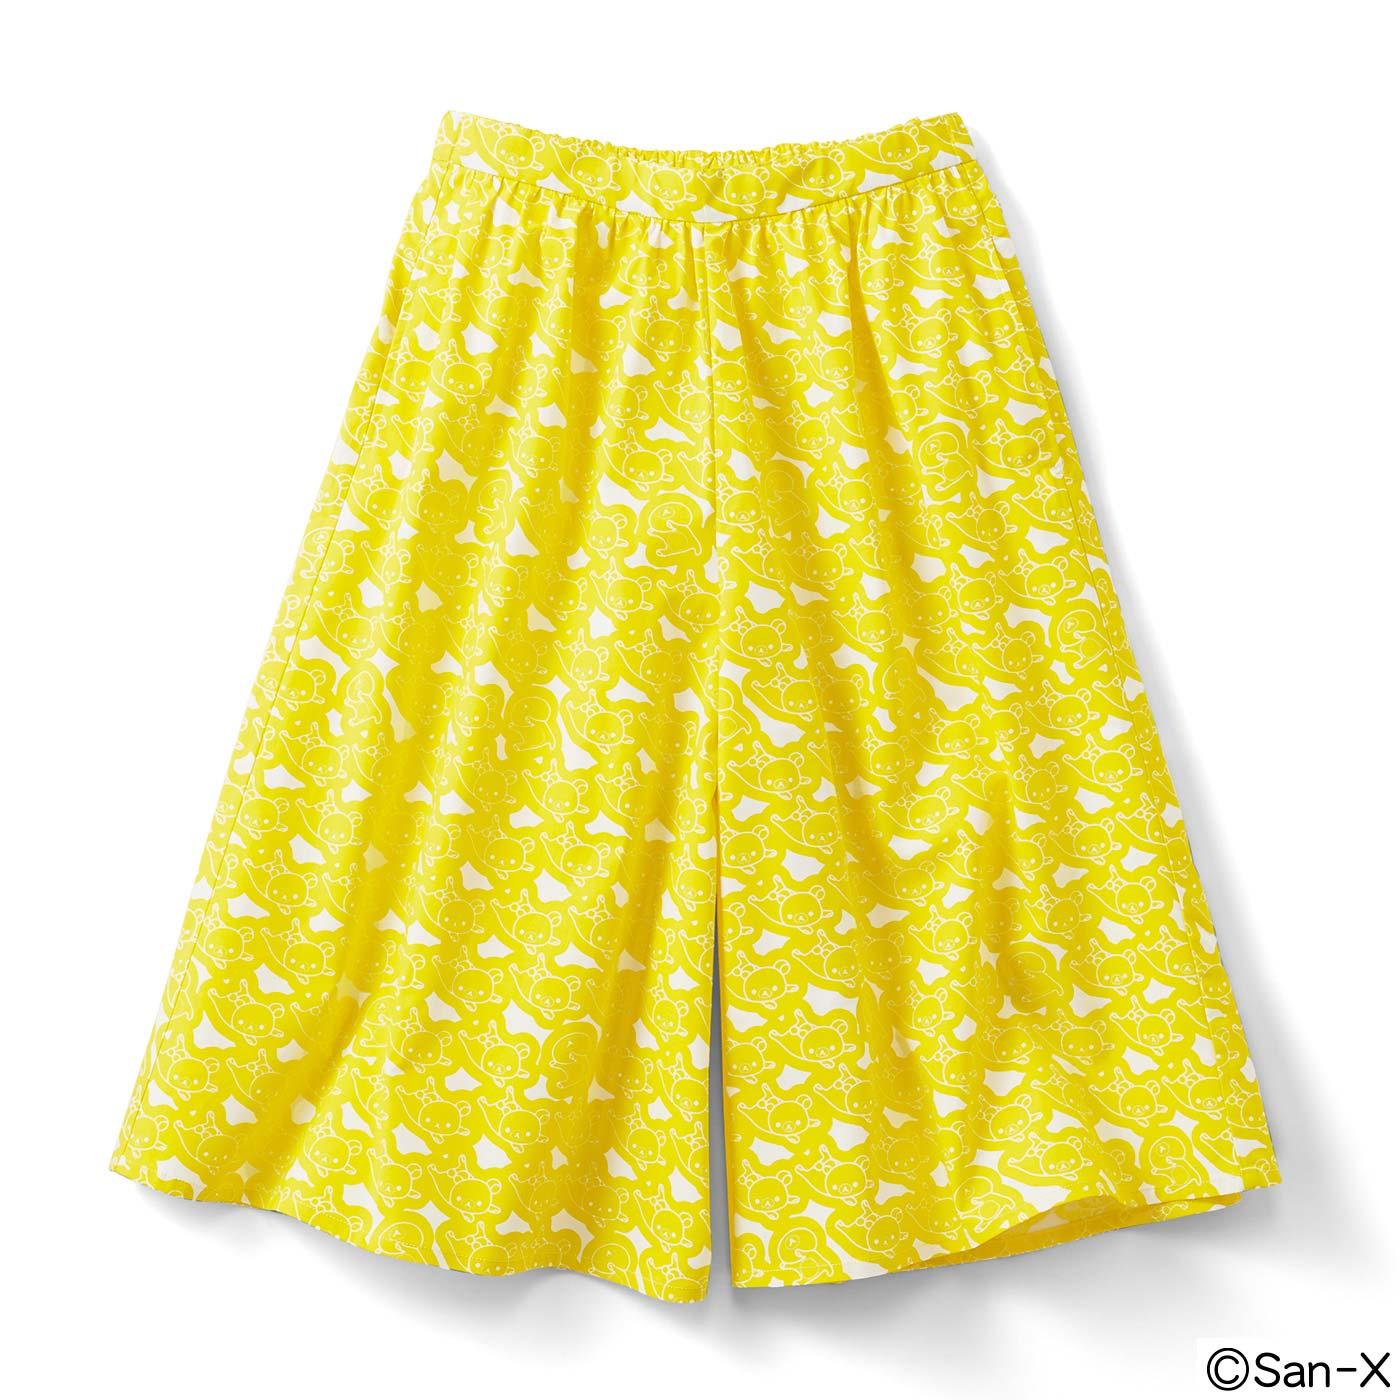 はくとスカートみたいなシルエットです。